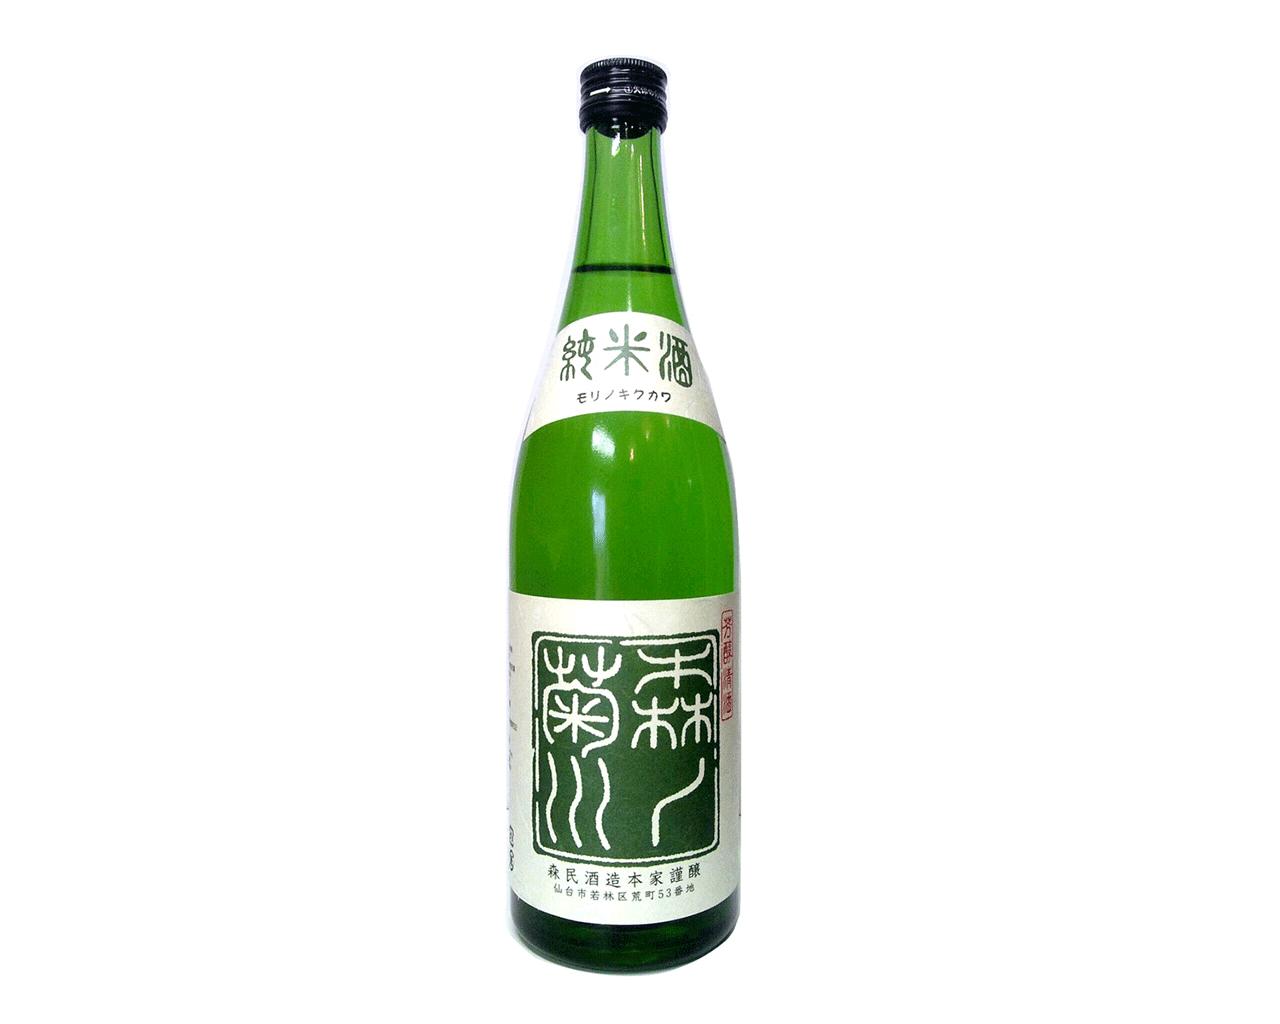 森乃菊川 純米酒 720ml ※価格は販売店により異なるの様子